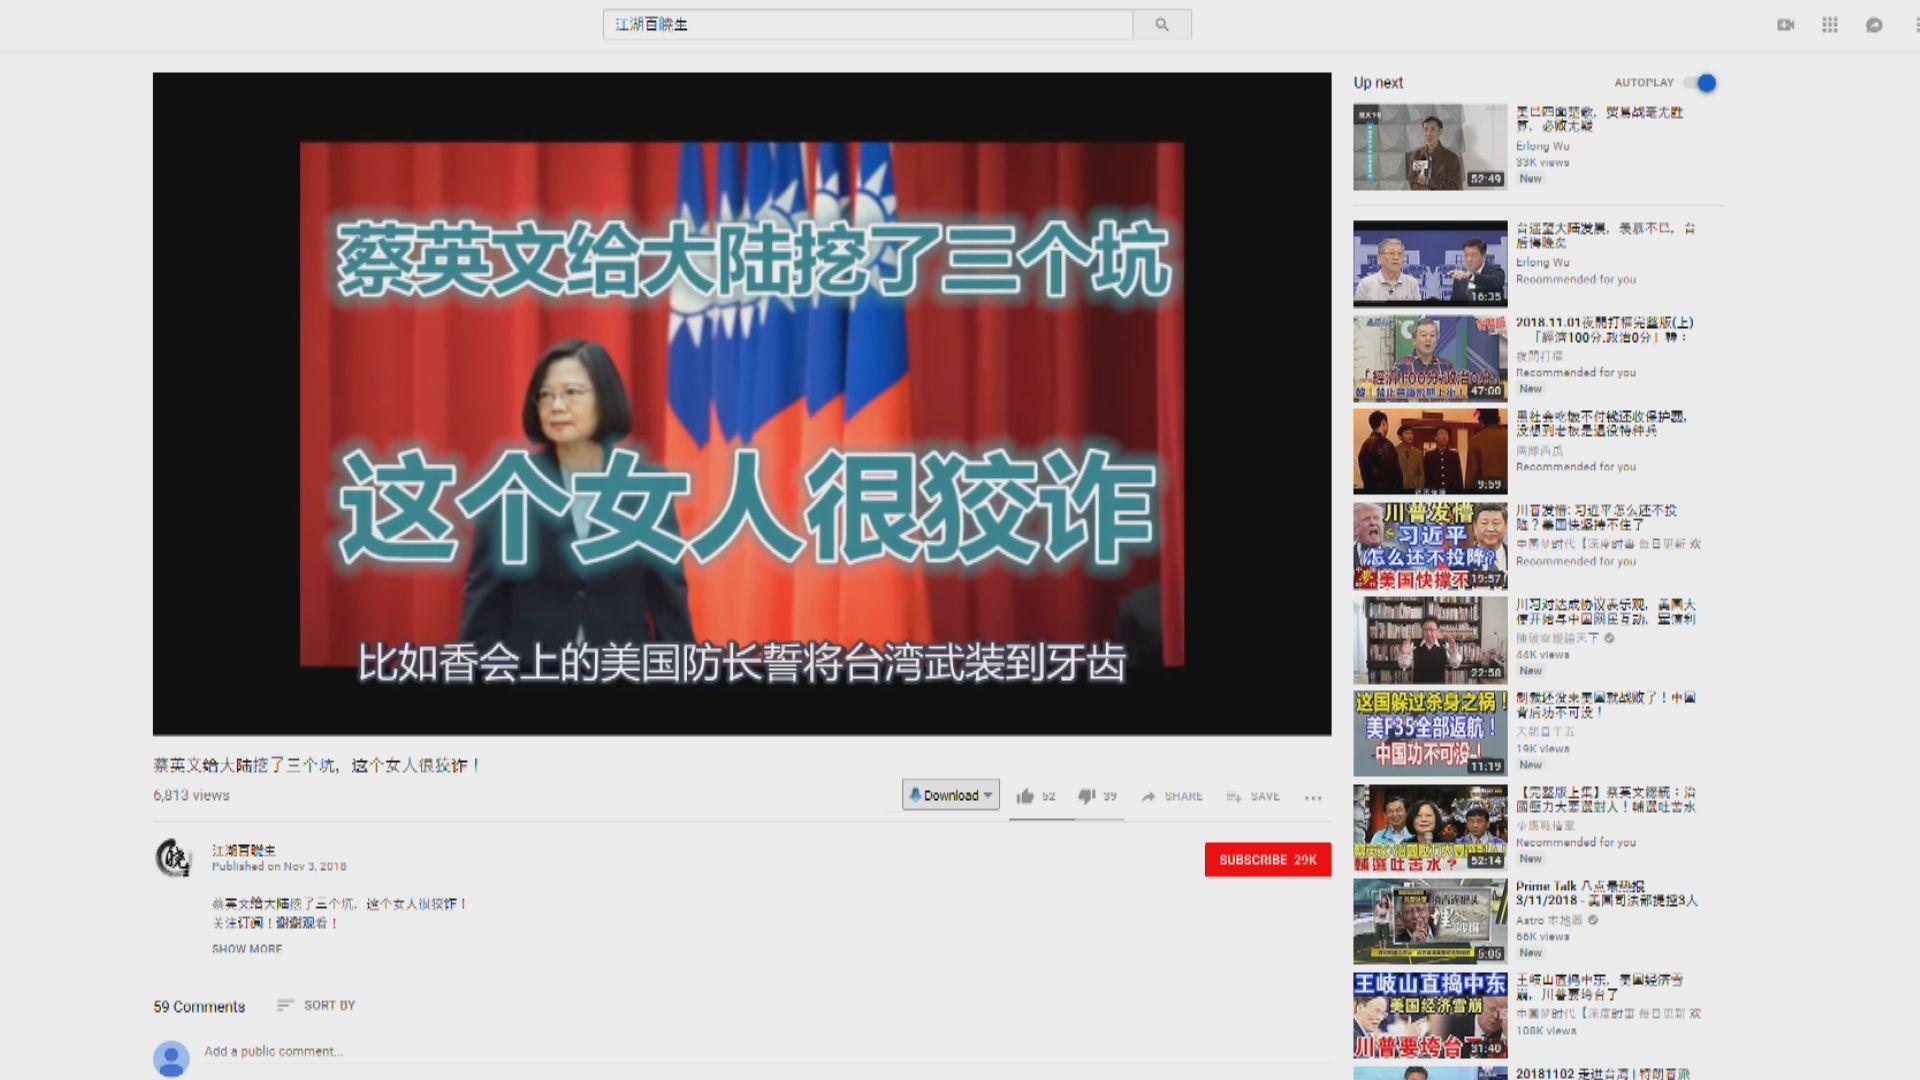 台指大陸網軍放假消息圖干預選舉